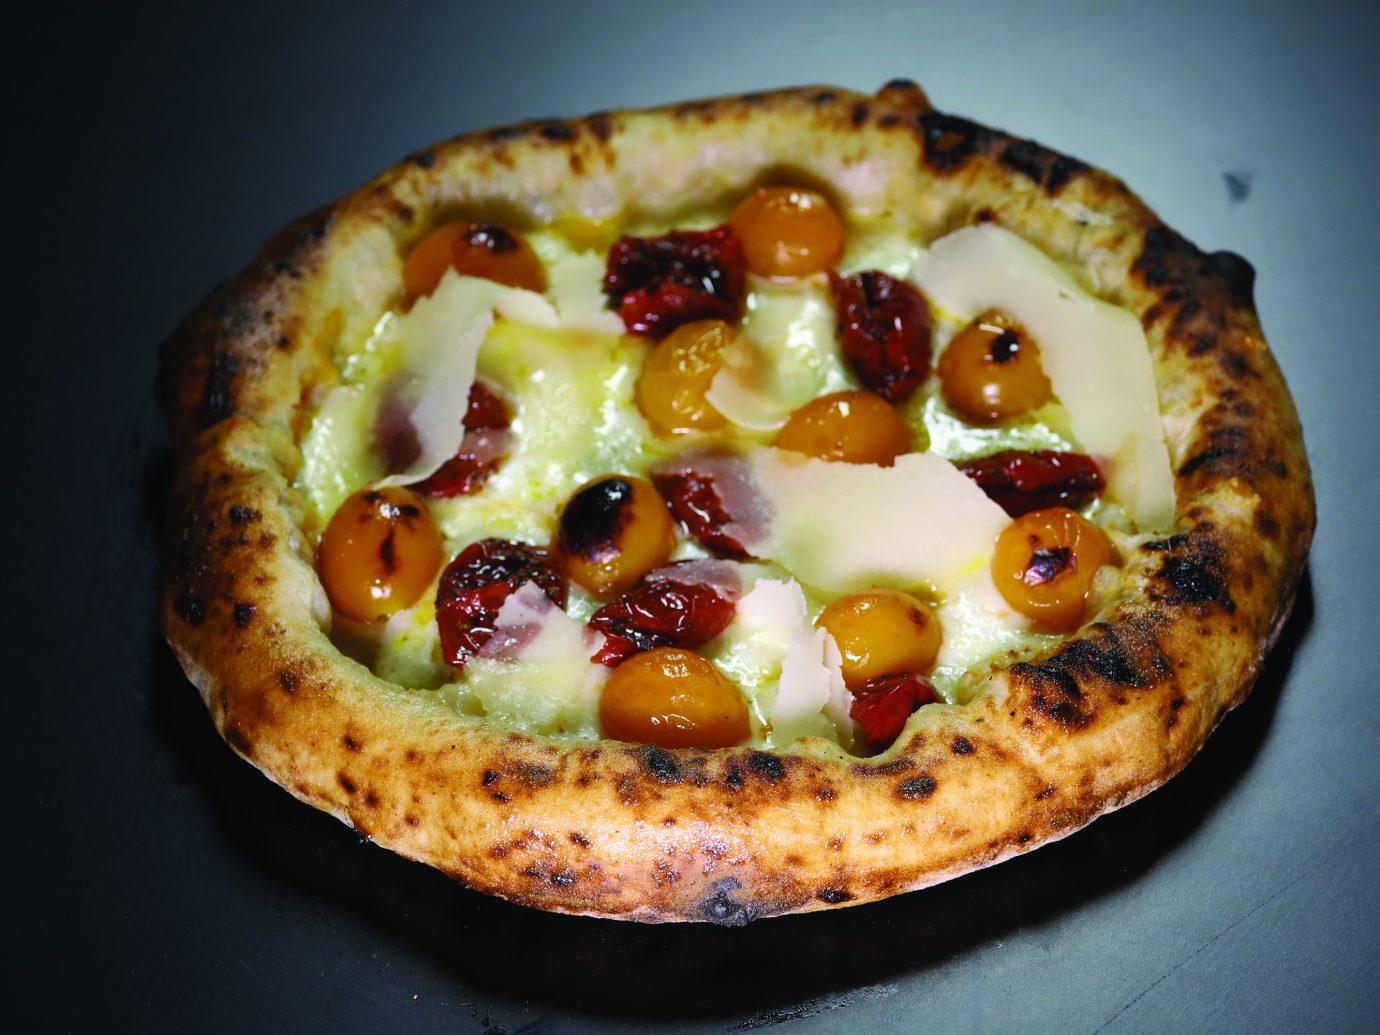 margherita sbagliata, Neapolitan Pizza at Pepe in Grani in Campania, Italy